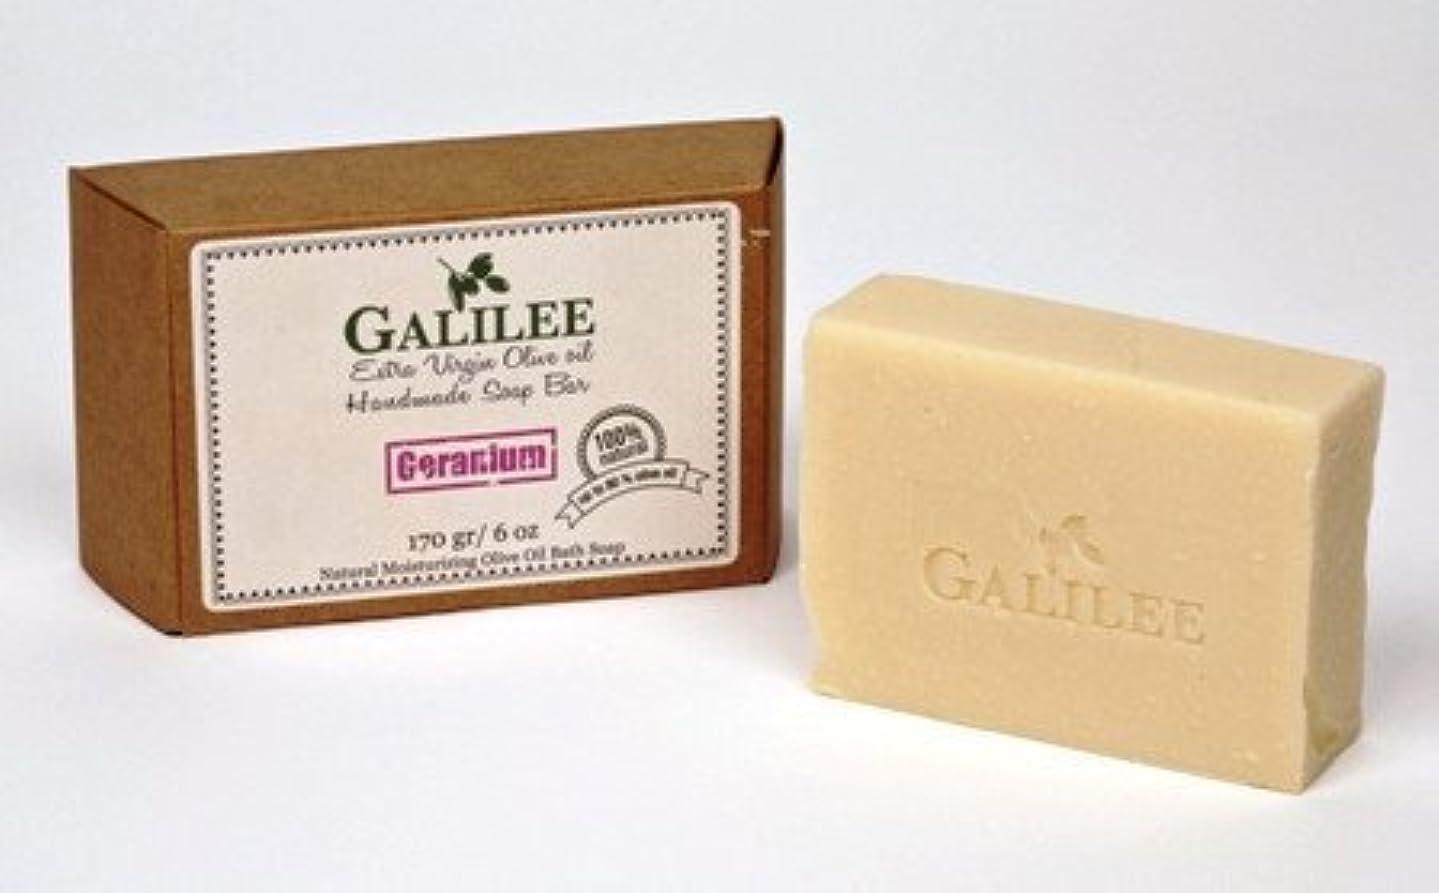 中性の中でスチールGalilee Magic ガリラヤオリーブオイルソープバー 3.5oz レモングラスオリーブオイル